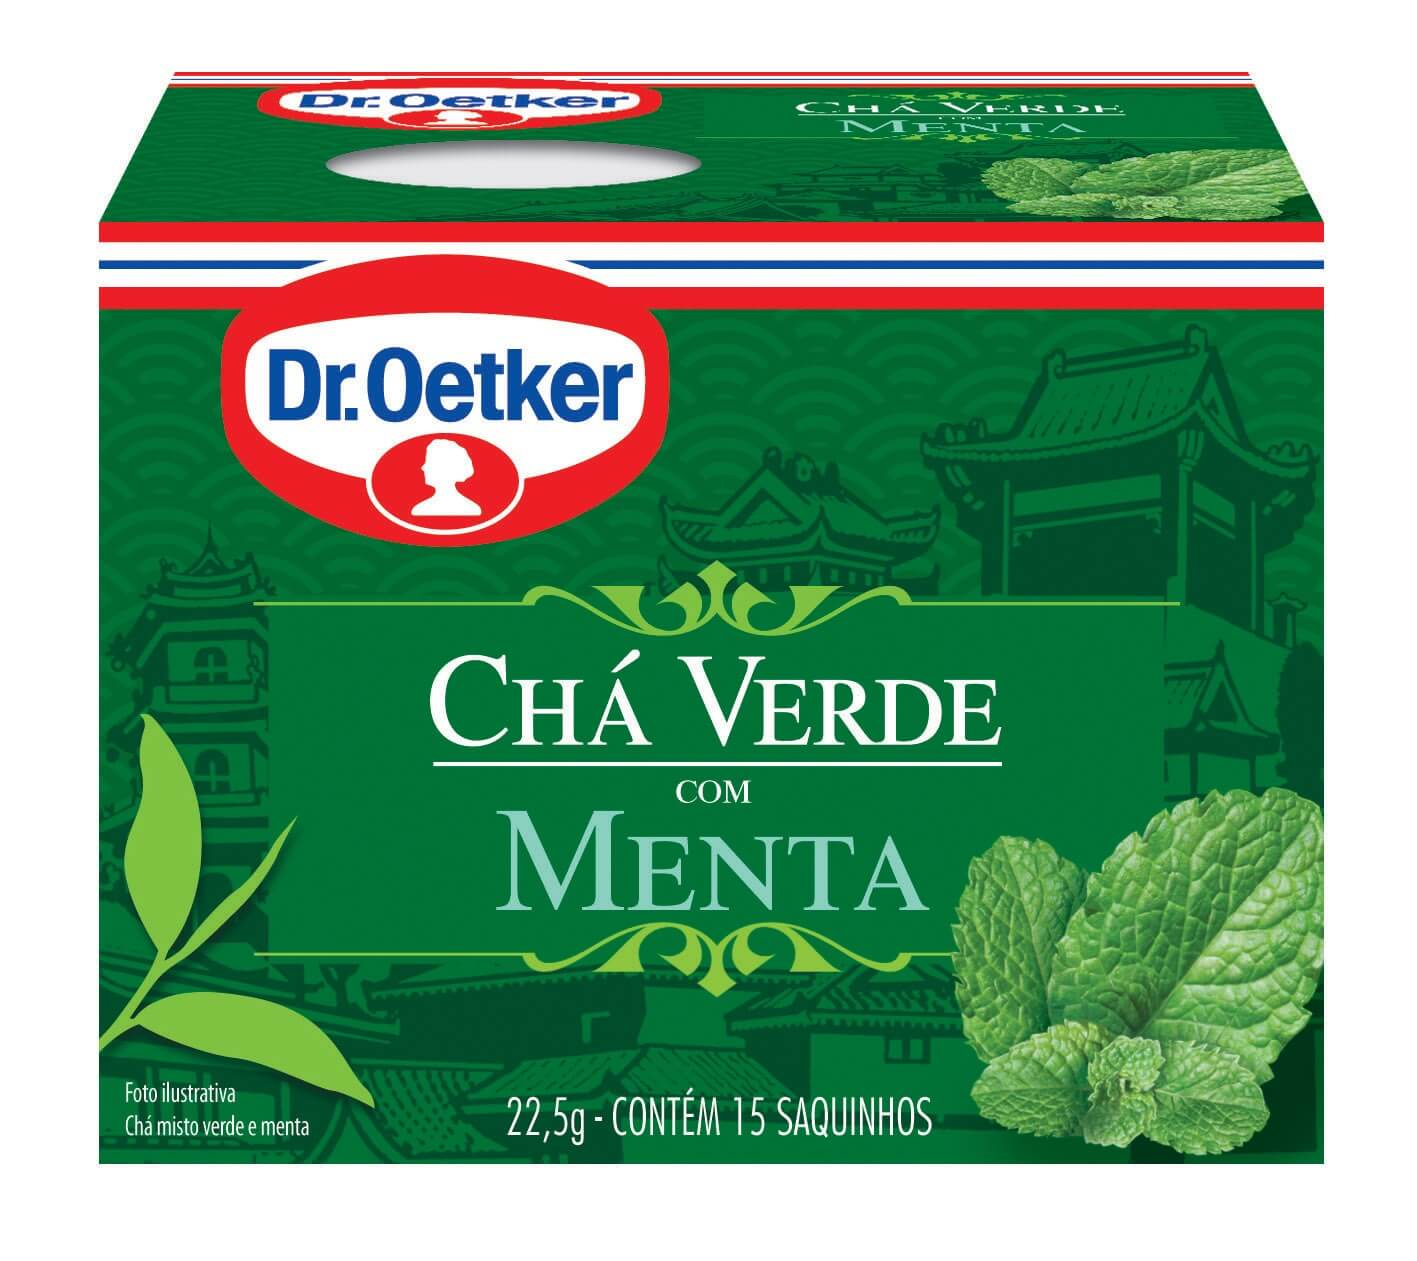 CHÁ VERDE COM MENTA - DR. OETKER -  KIT COM 4 CAIXAS